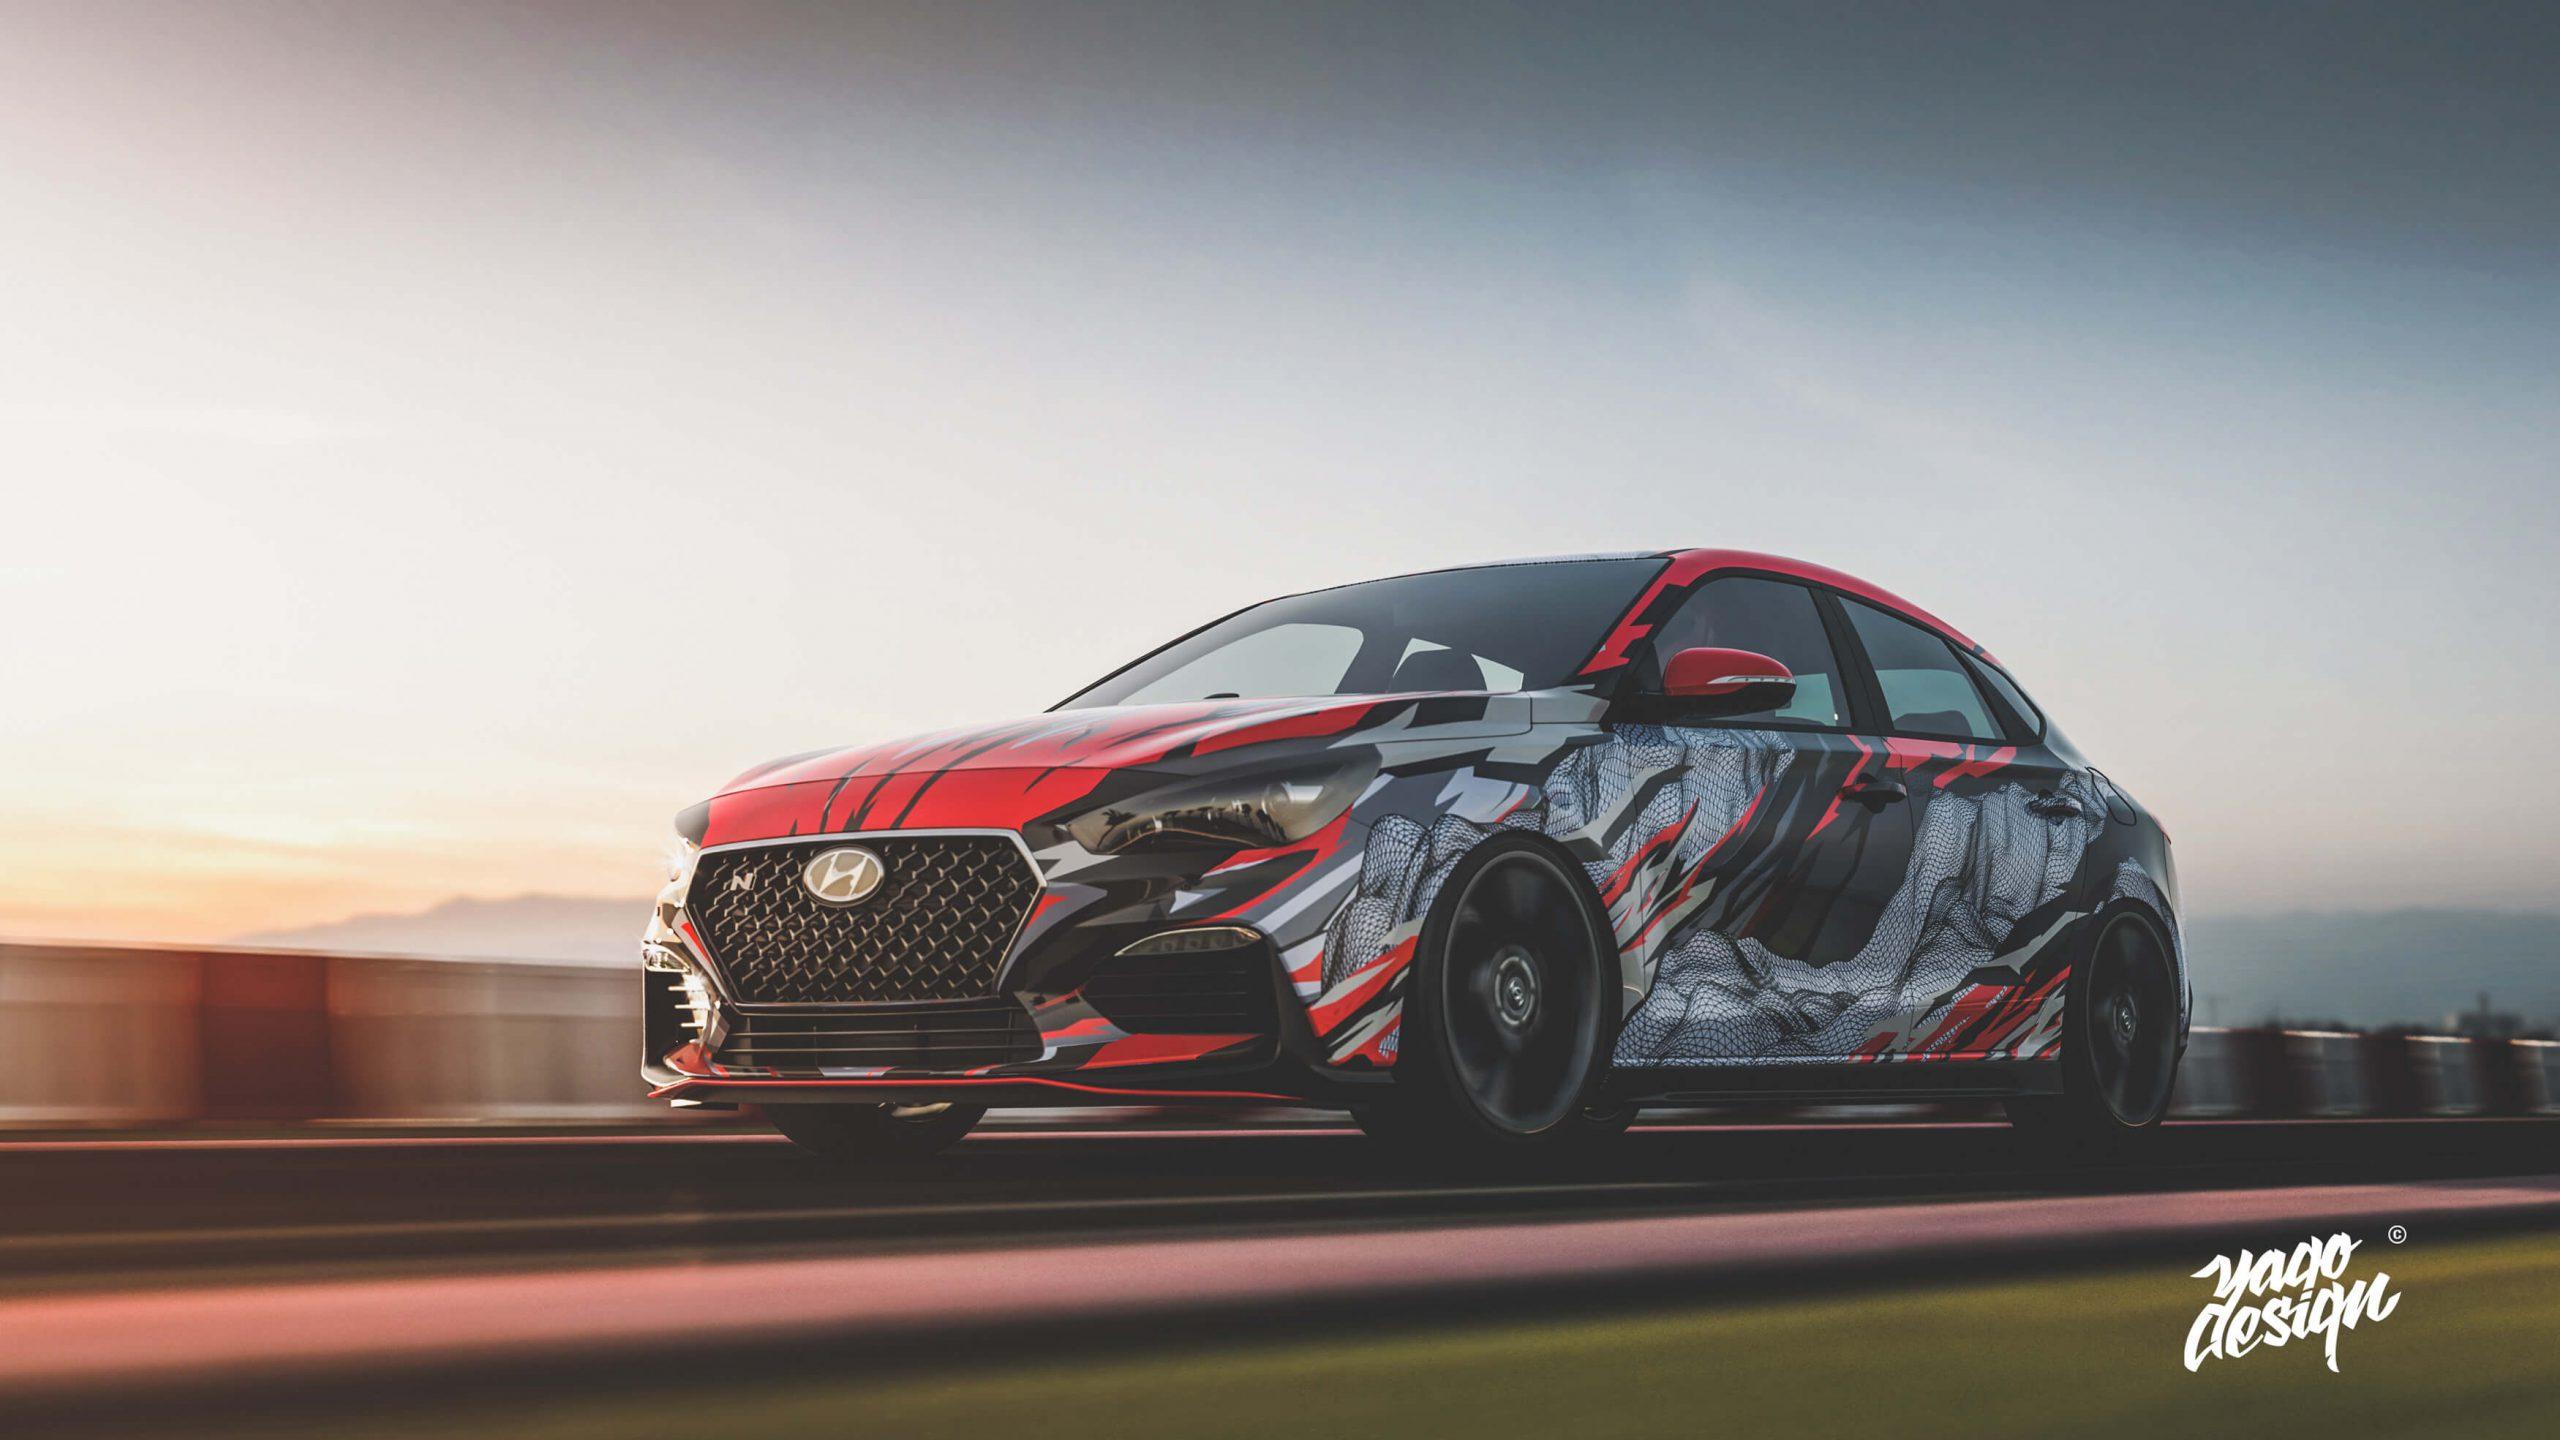 Hyundai-I30-N-Line-race-track-4K-PHOTOSHOPED-scaled